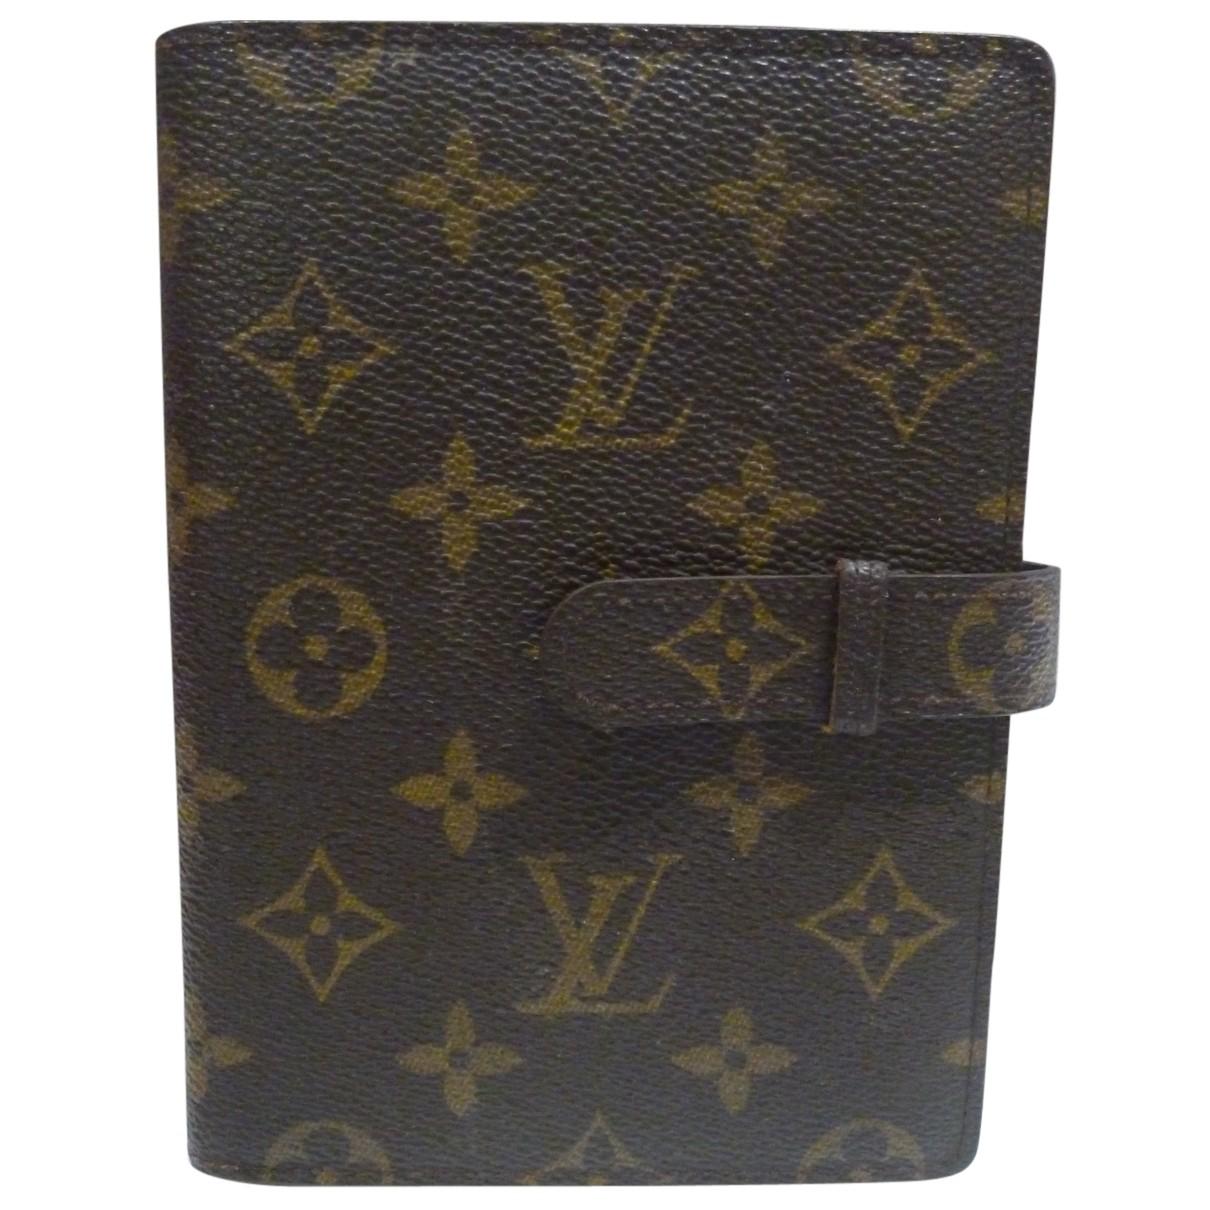 Louis Vuitton N Brown Cloth Home decor for Life & Living N